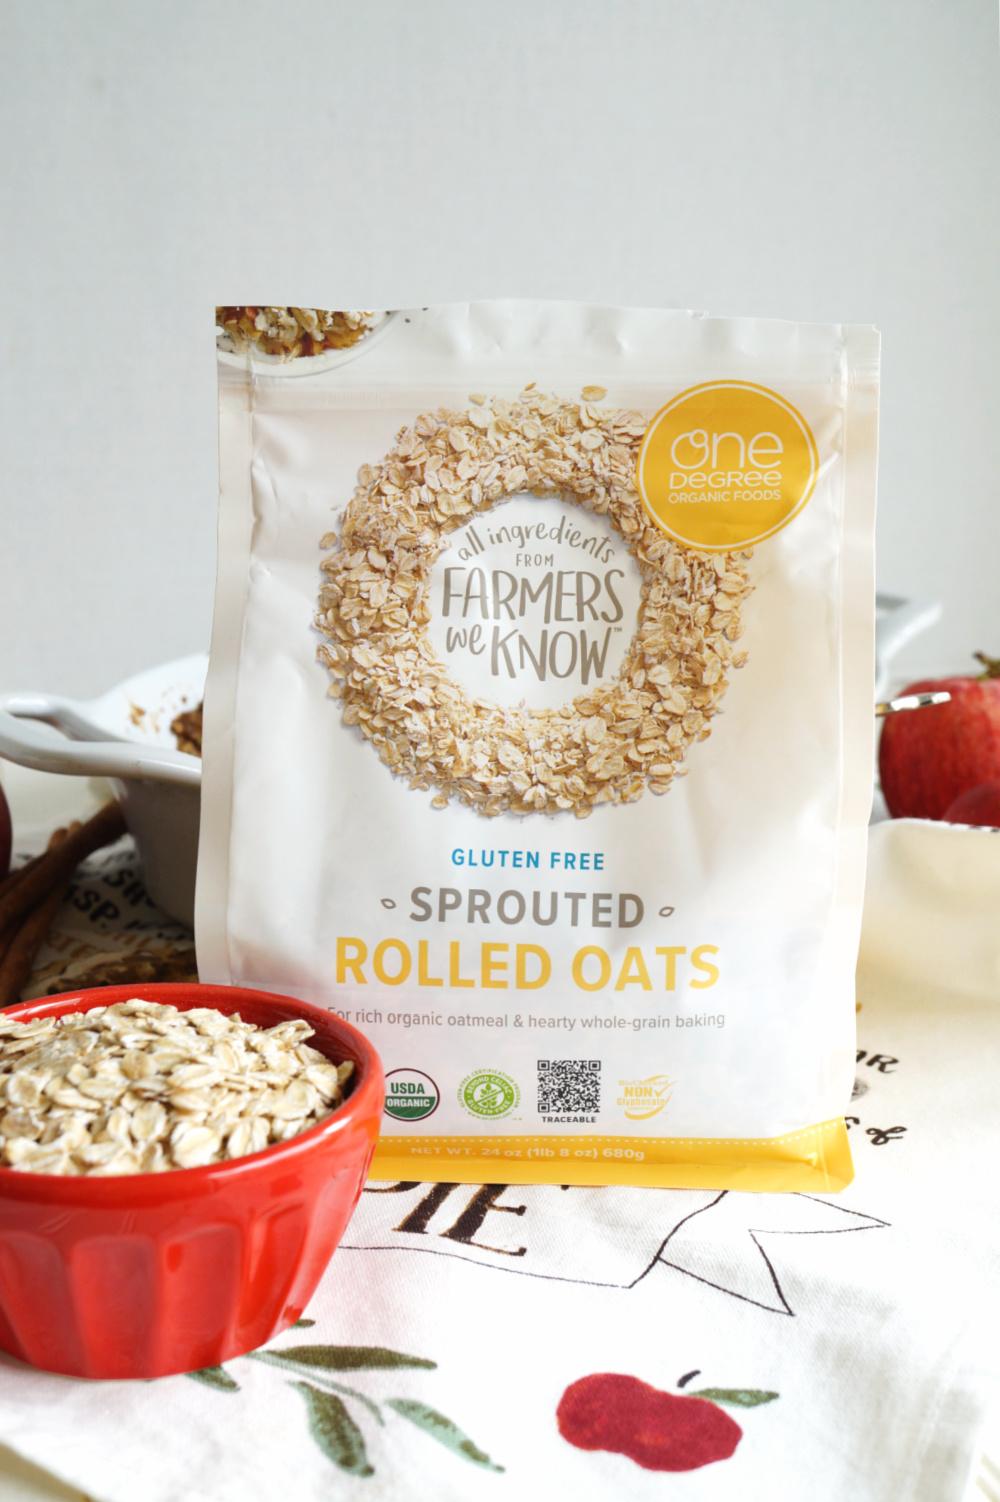 bag of One Degree Organics oats